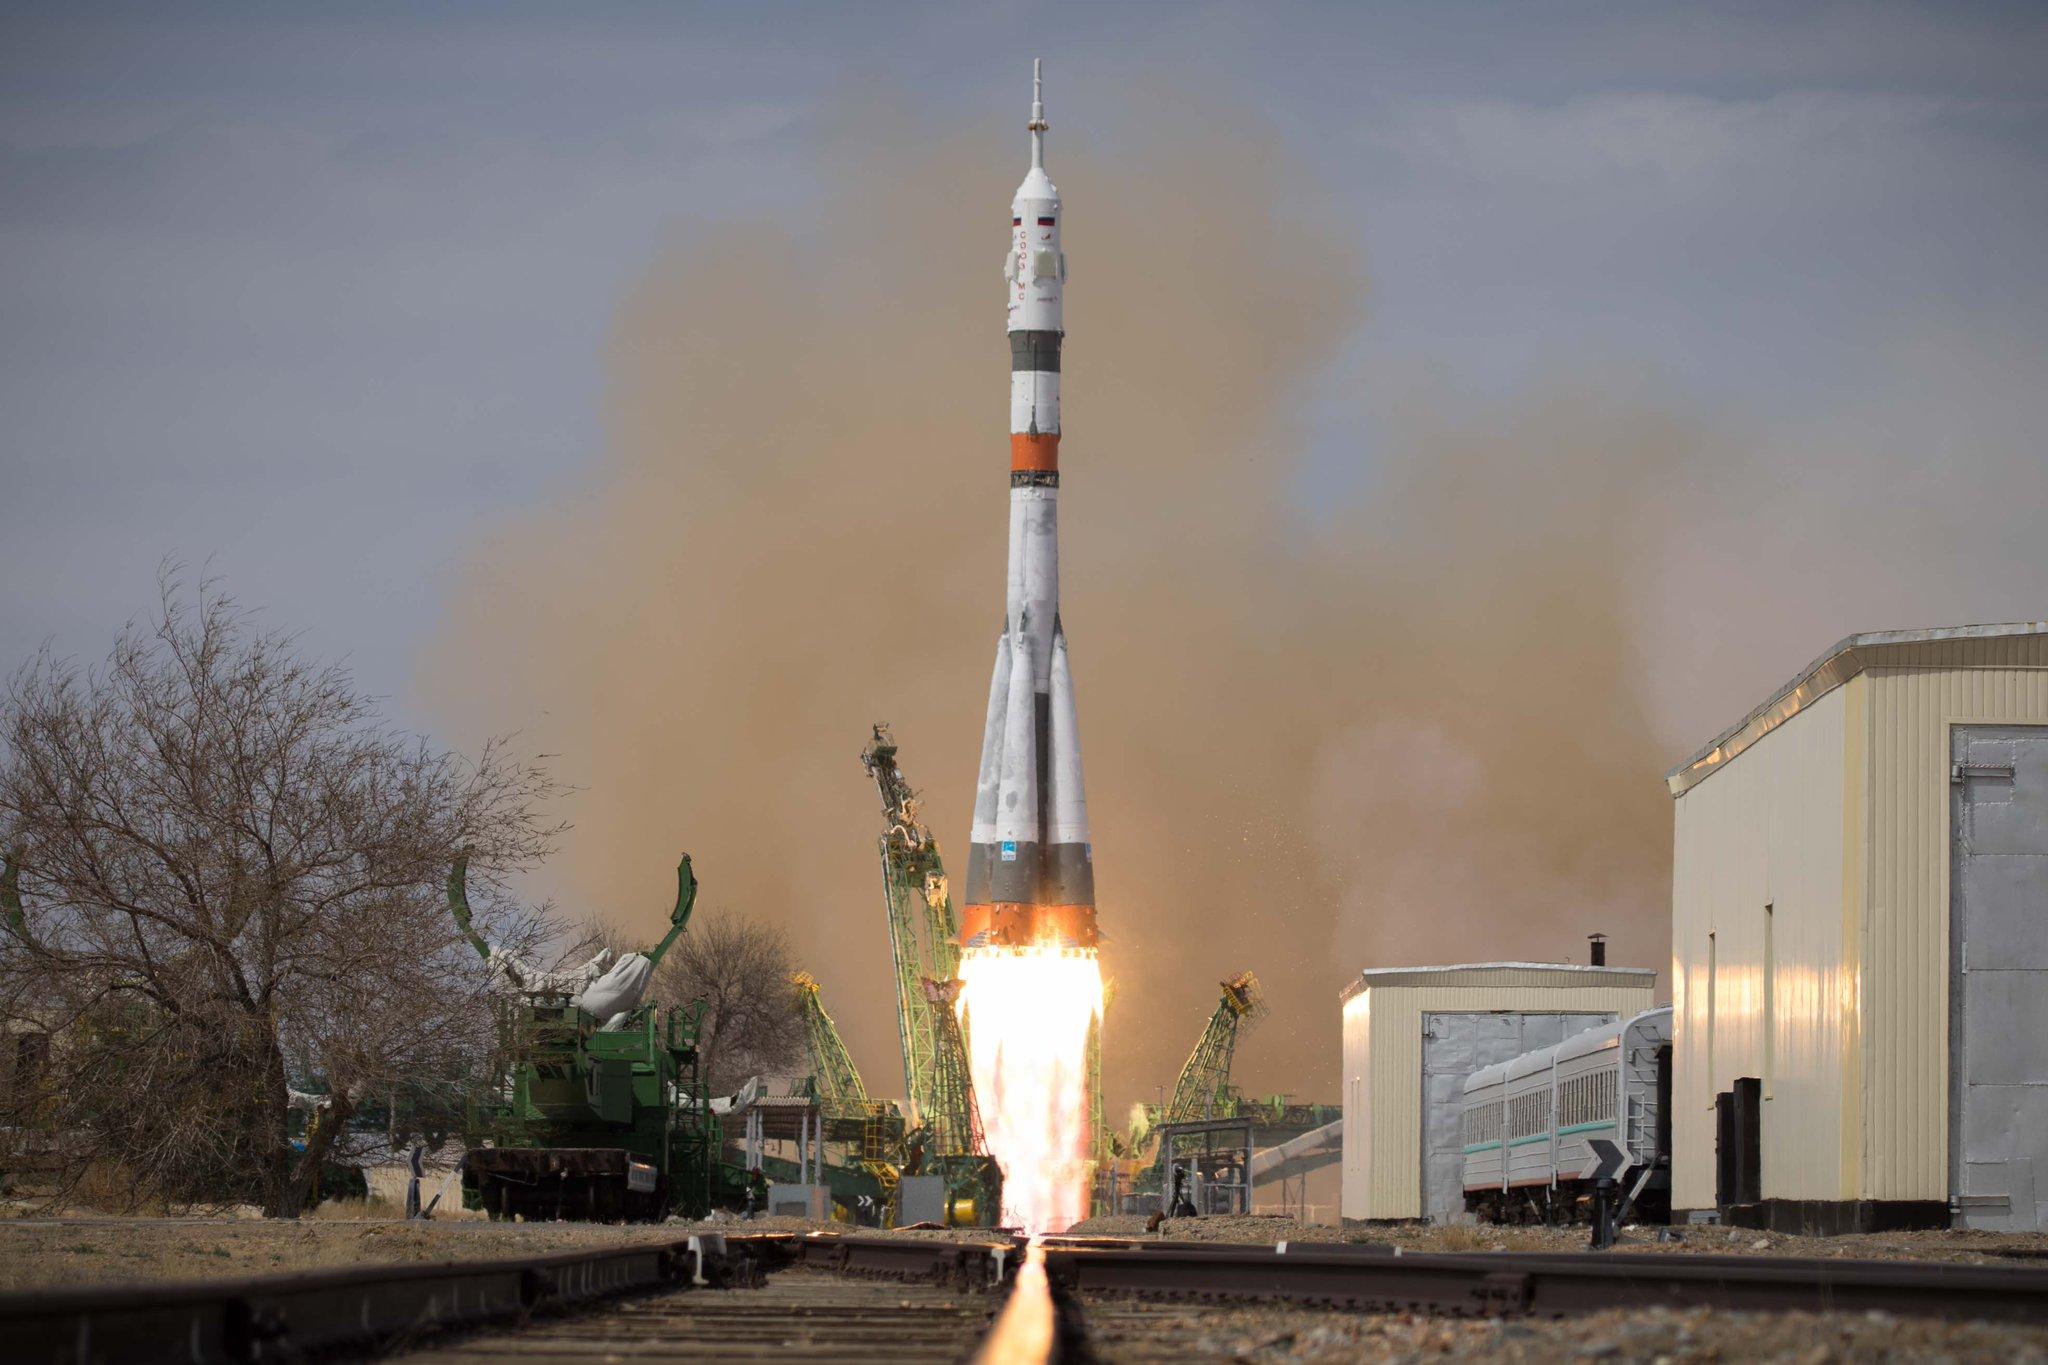 Imaginea 1: Lansarea primei rachete Sozyu-2.1a cu o capsulă cu echipaj la bord (Soyuz MS-16) de la cosmodromul din Baikonur. A fost al 102-lea zbor al unei rachete Soyuz. (Sursa foto: Roscosmos)